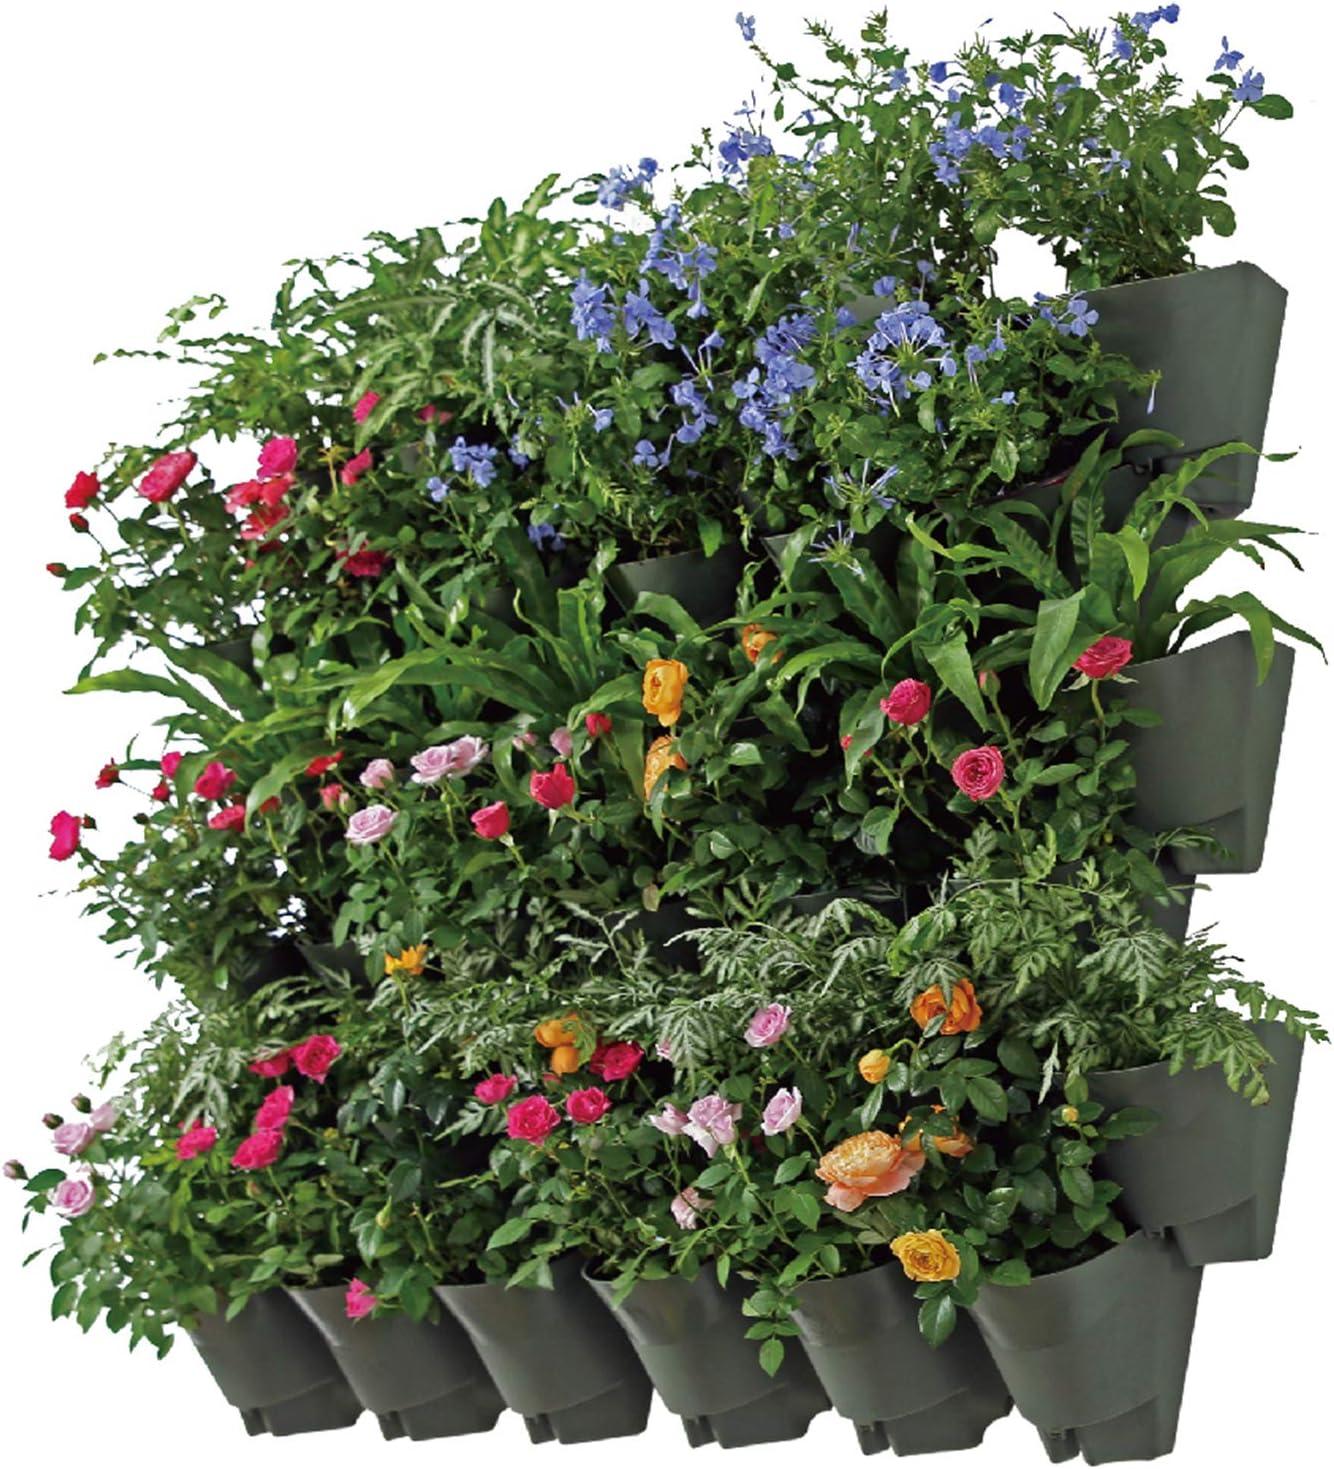 Amazon Com Worth Garden Self Watering Indoor Outdoor Vertical